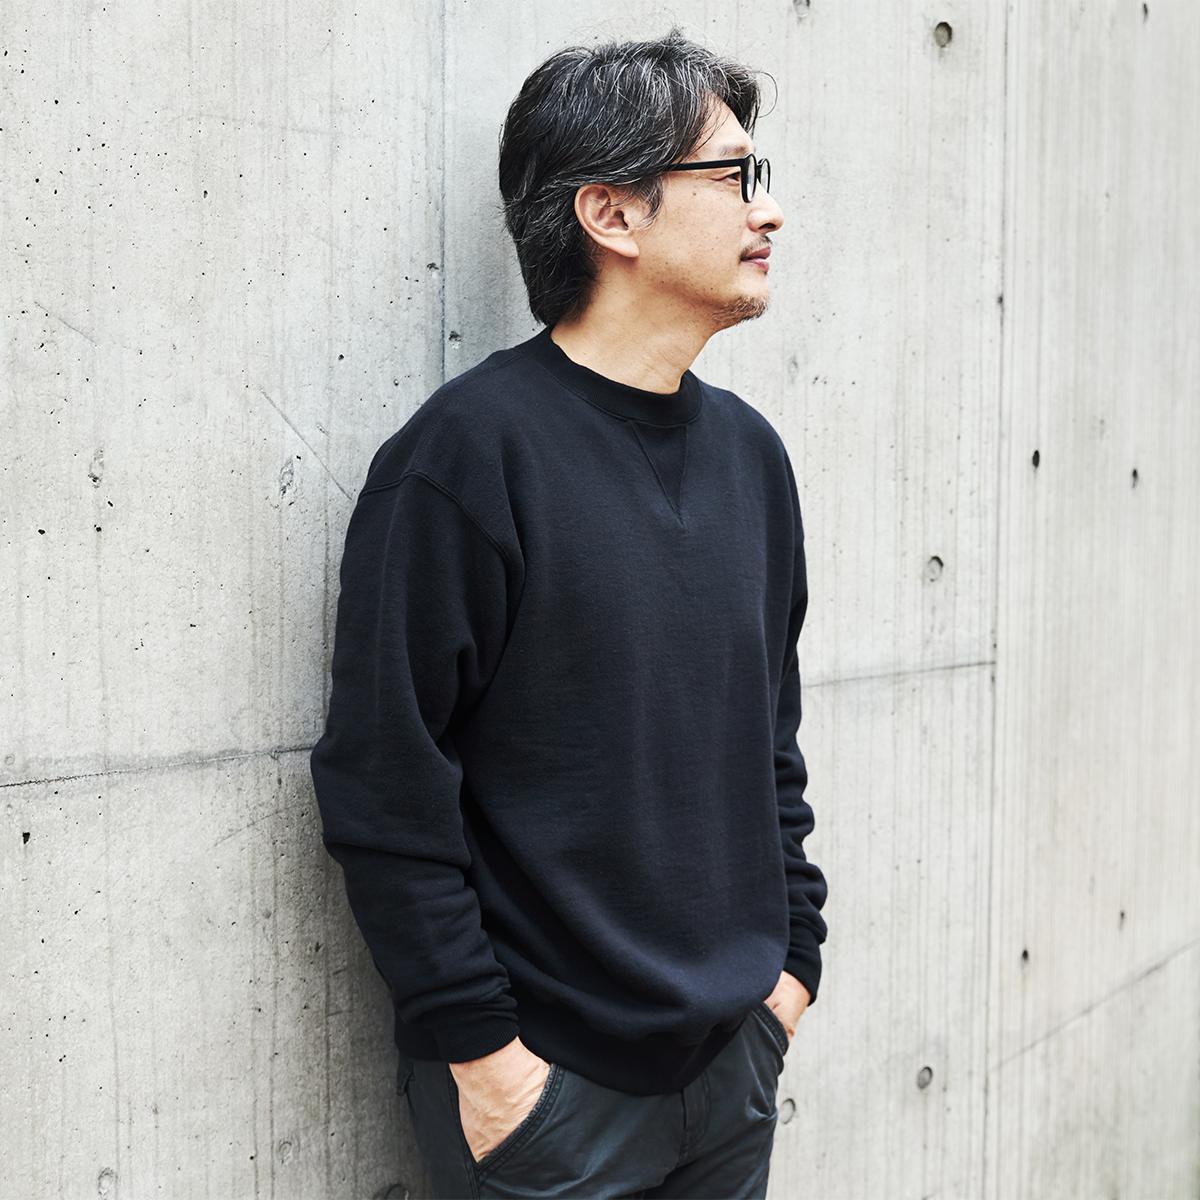 ファンにはたまらない一枚。現代の染色技術で生まれた新色「ブラック」をMade in Japanで。先行予約特典付きの「トレーニングシャツ」|A.G. Spalding & Bros